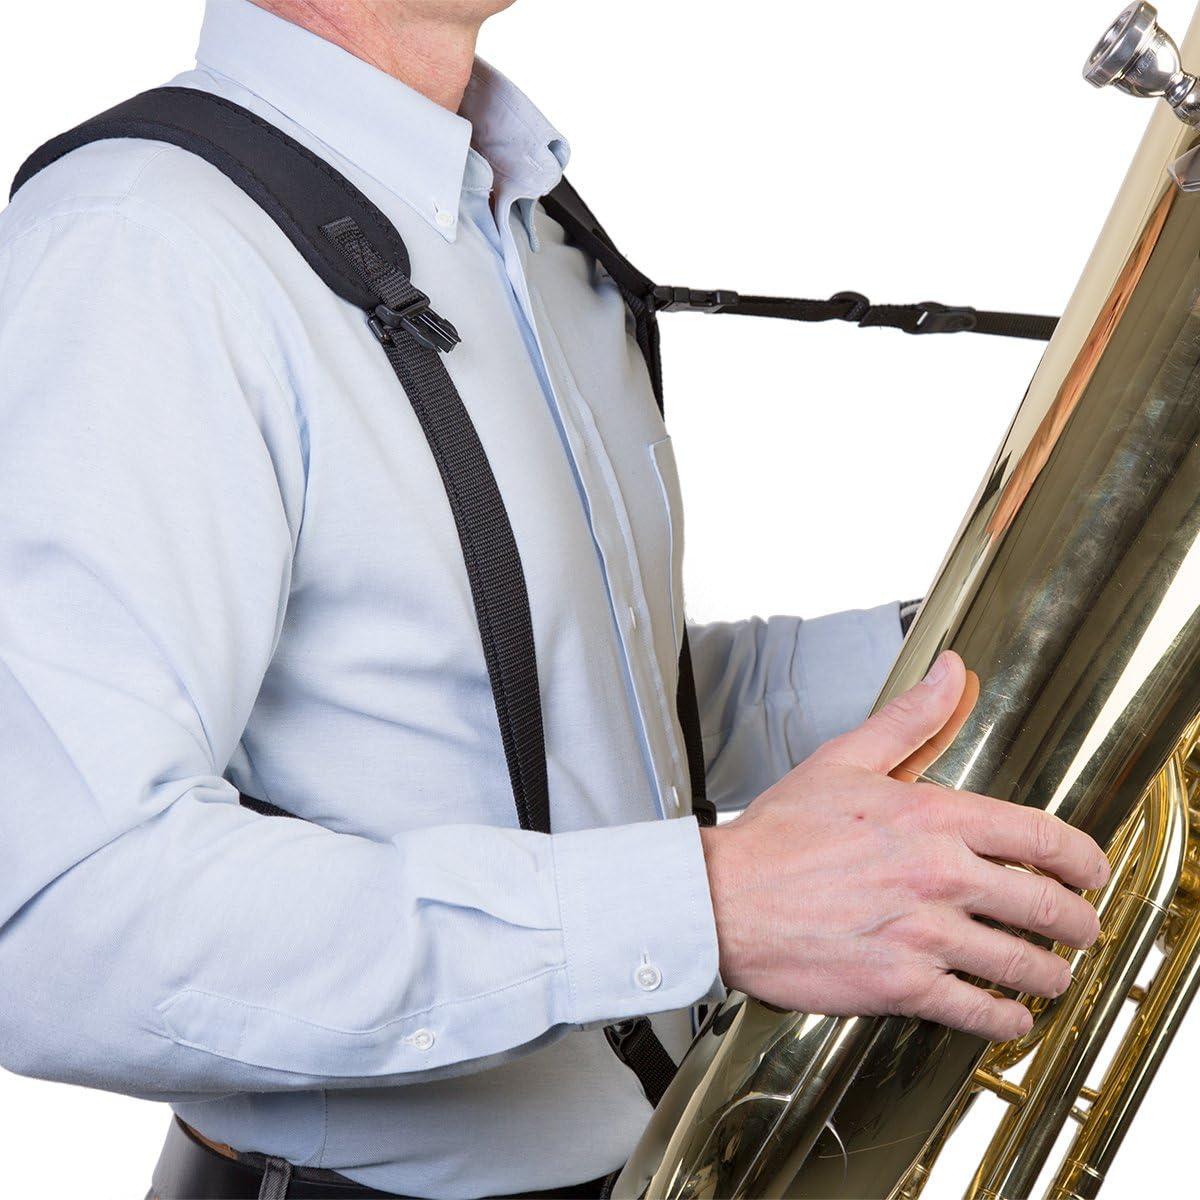 5401142 - Correa arnés para tuba: Amazon.es: Instrumentos musicales